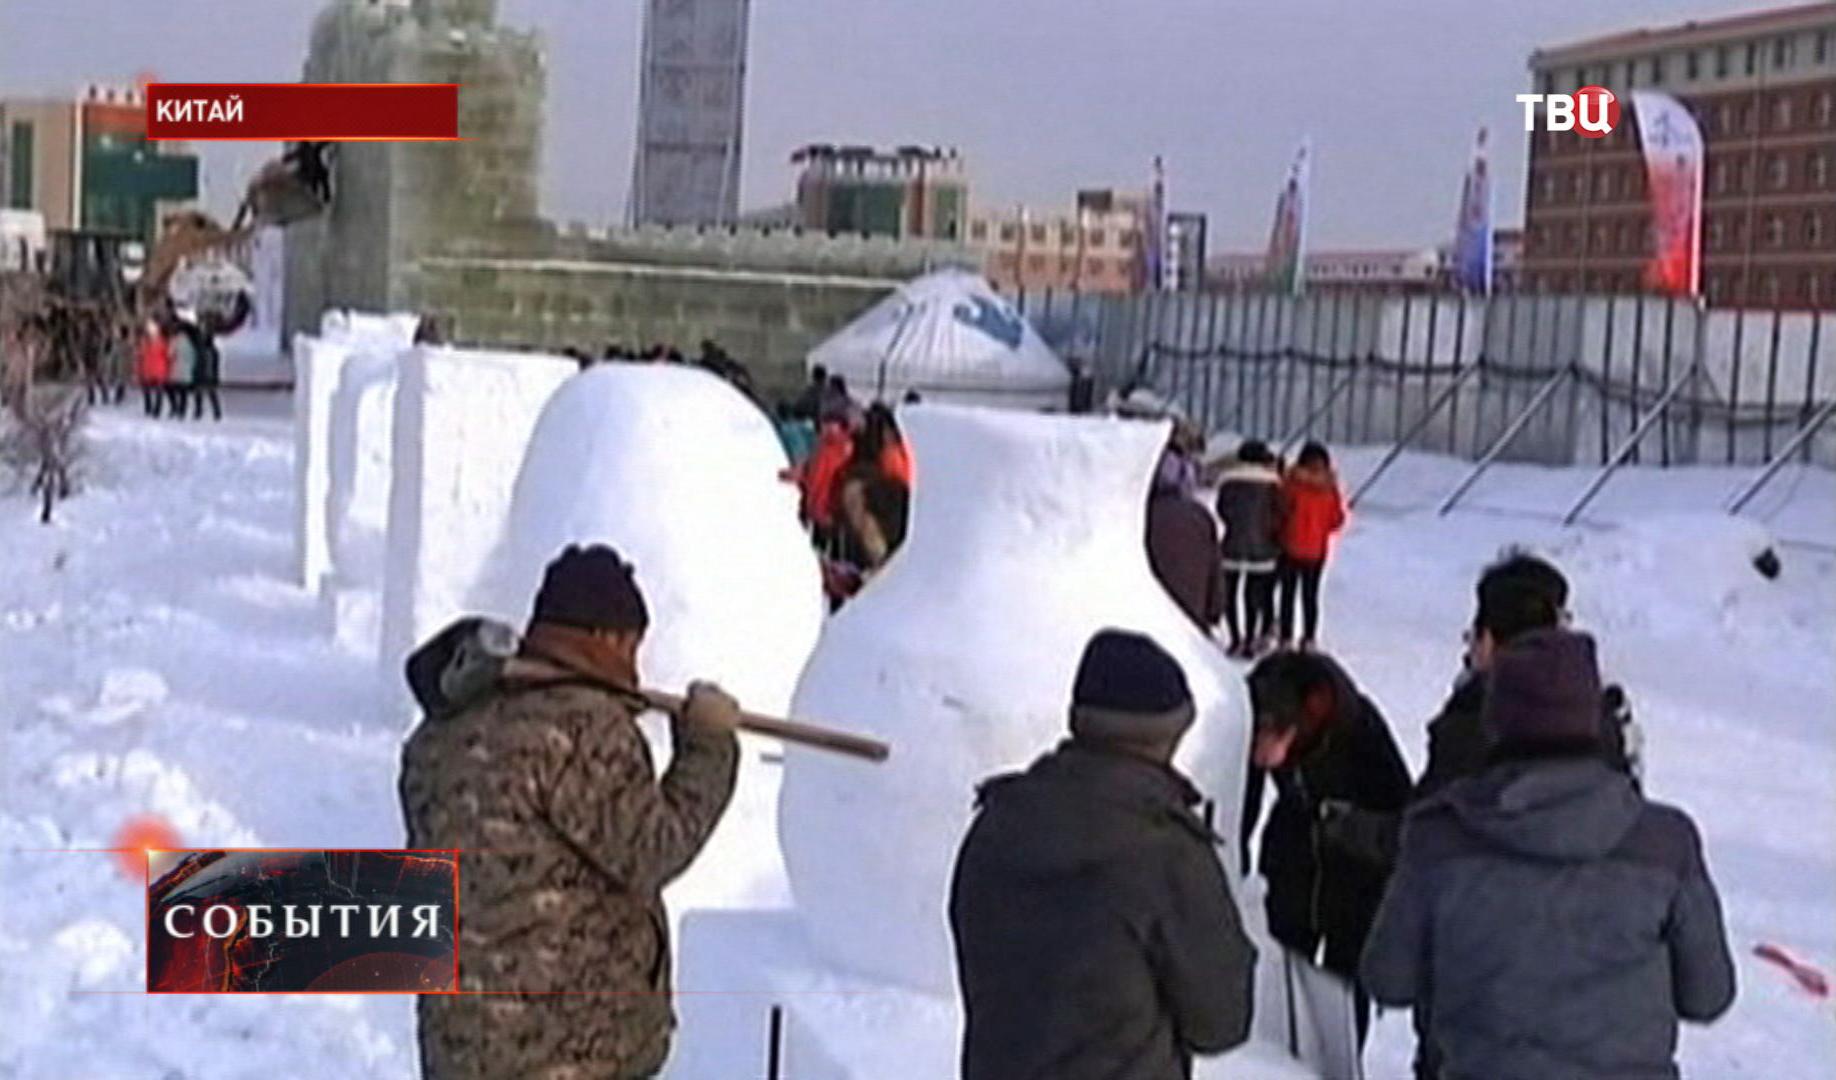 Снежный карнавал в Китае